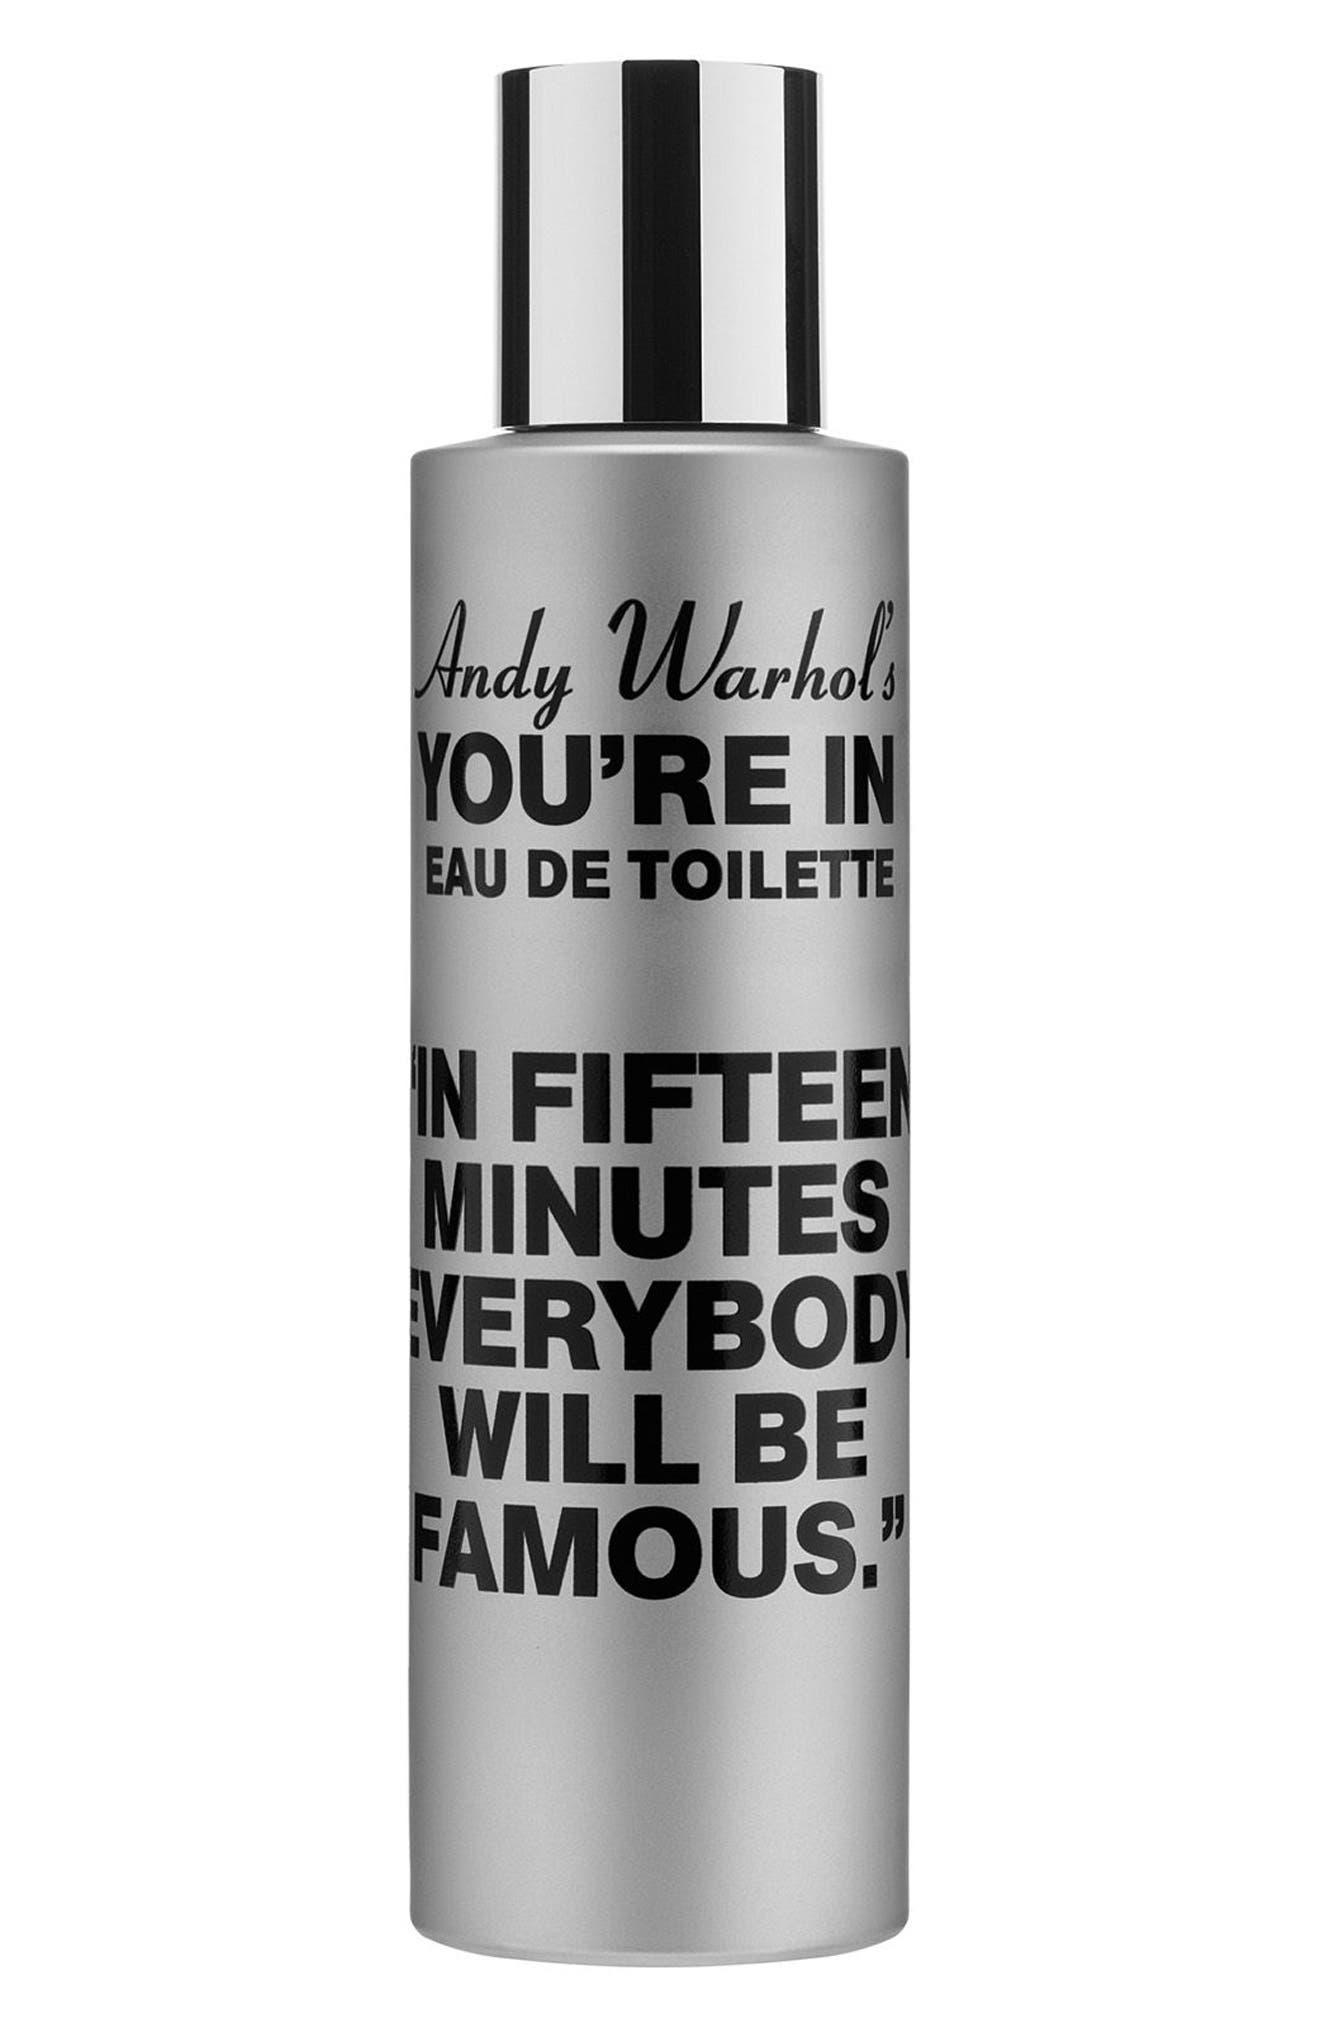 COMME DES GARÇONS Andy Warhol You're In Unisex Eau de Toilette, Main, color, IN FIFTEEN MINUTES